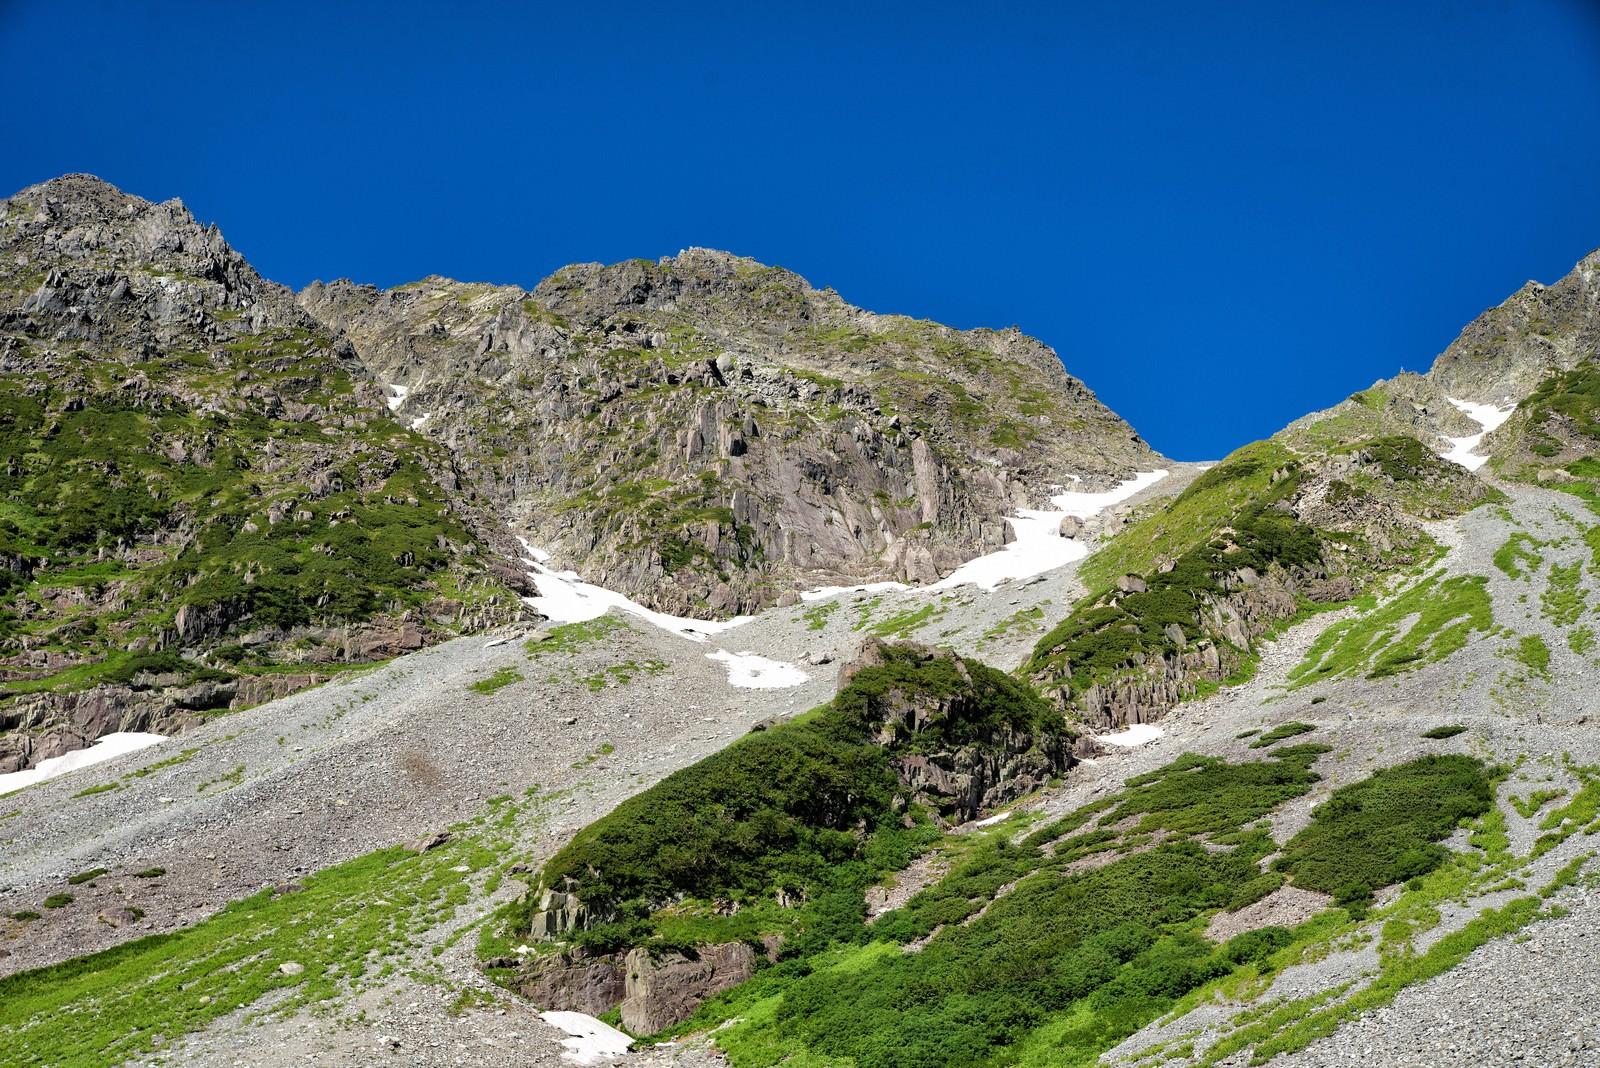 「ザイテングラードの岩尾根から見える青空」の写真